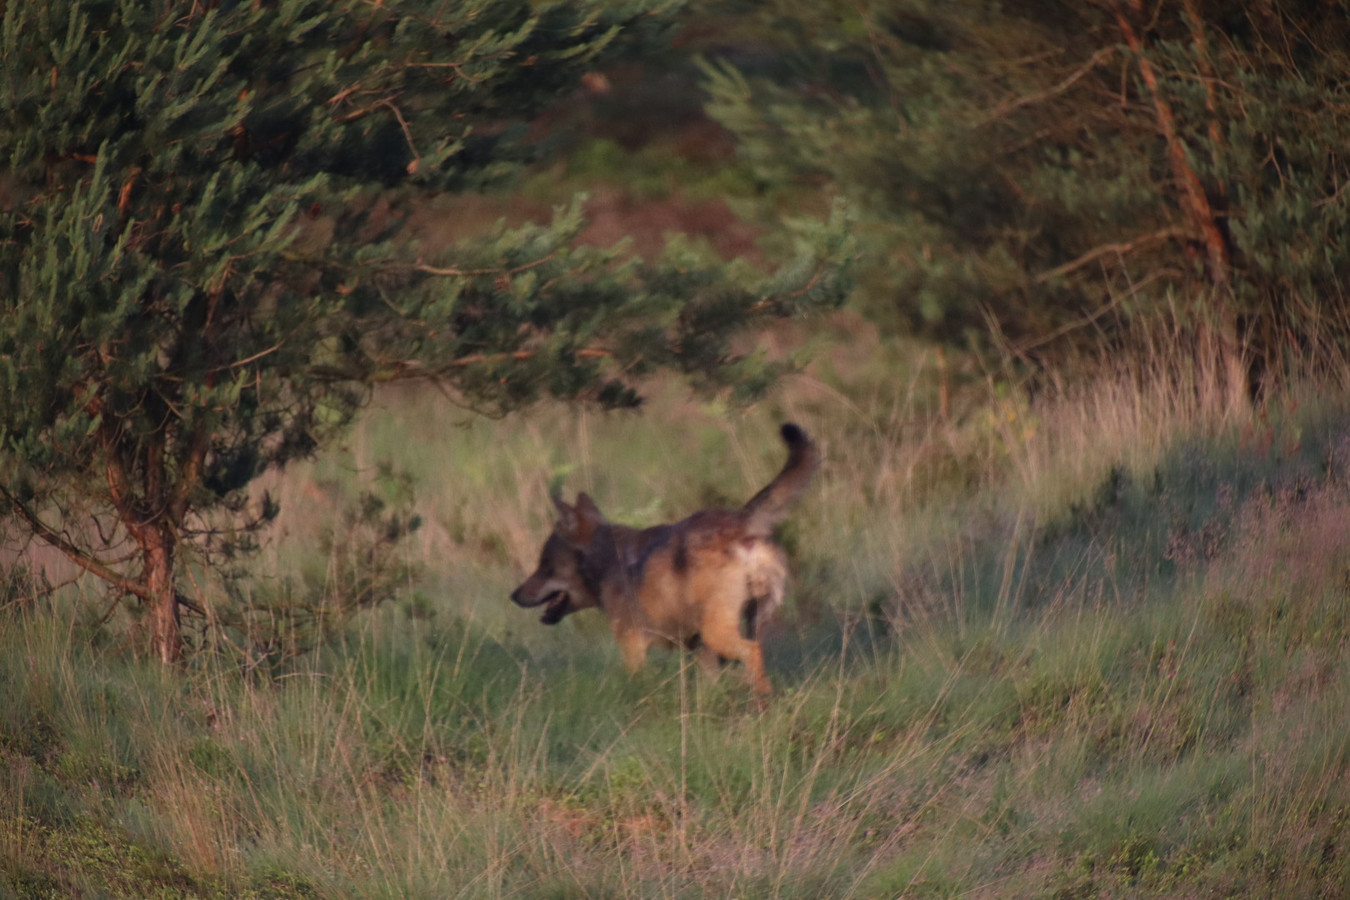 De wolf op jacht naar zijn prooi.